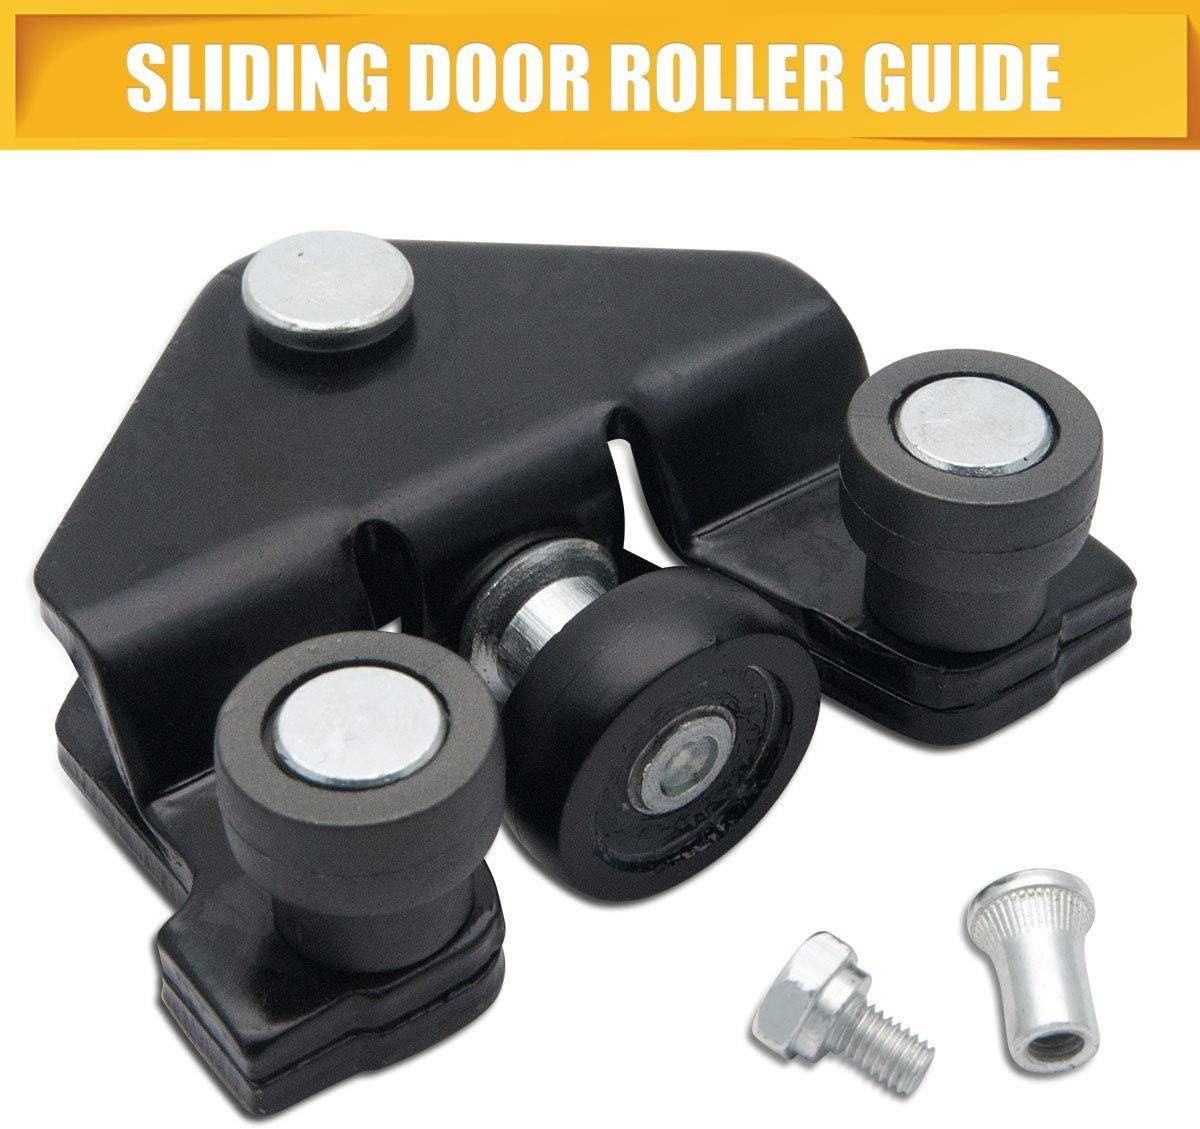 SANWAN - Guía de rodillo para puerta corredera y parte inferior de bisagra compatible con Trafic/Primastar/Vivaro 2001-2010 - inferior izquierda: Amazon.es: Coche y moto